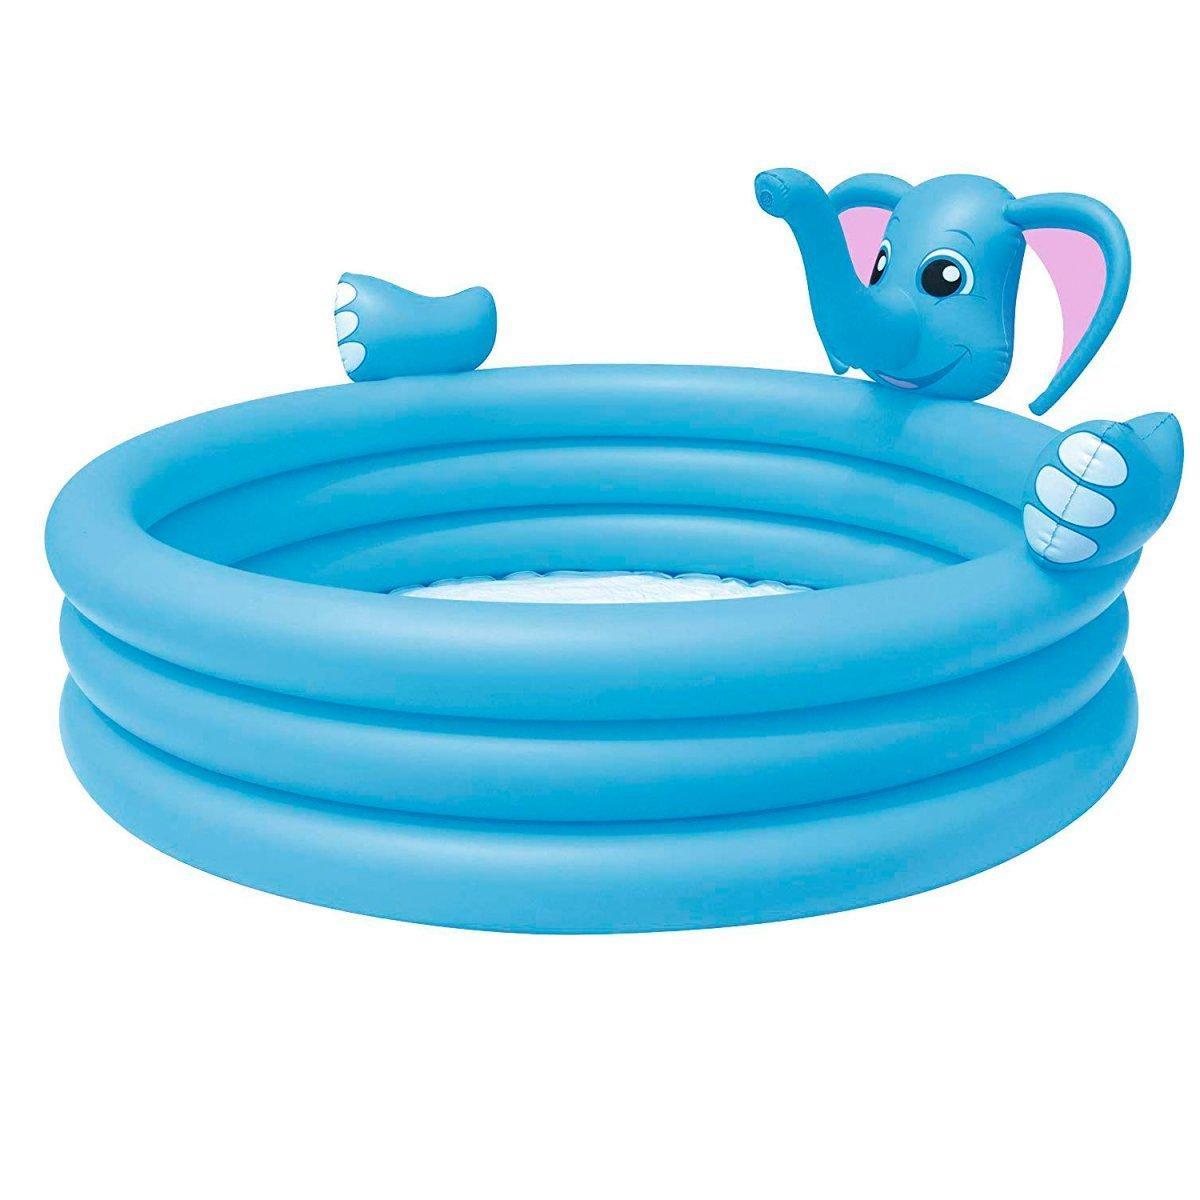 Детский надувной бассейн Bestway 53048 Слоник, 152 х 152 х 74 см, с фонтаном